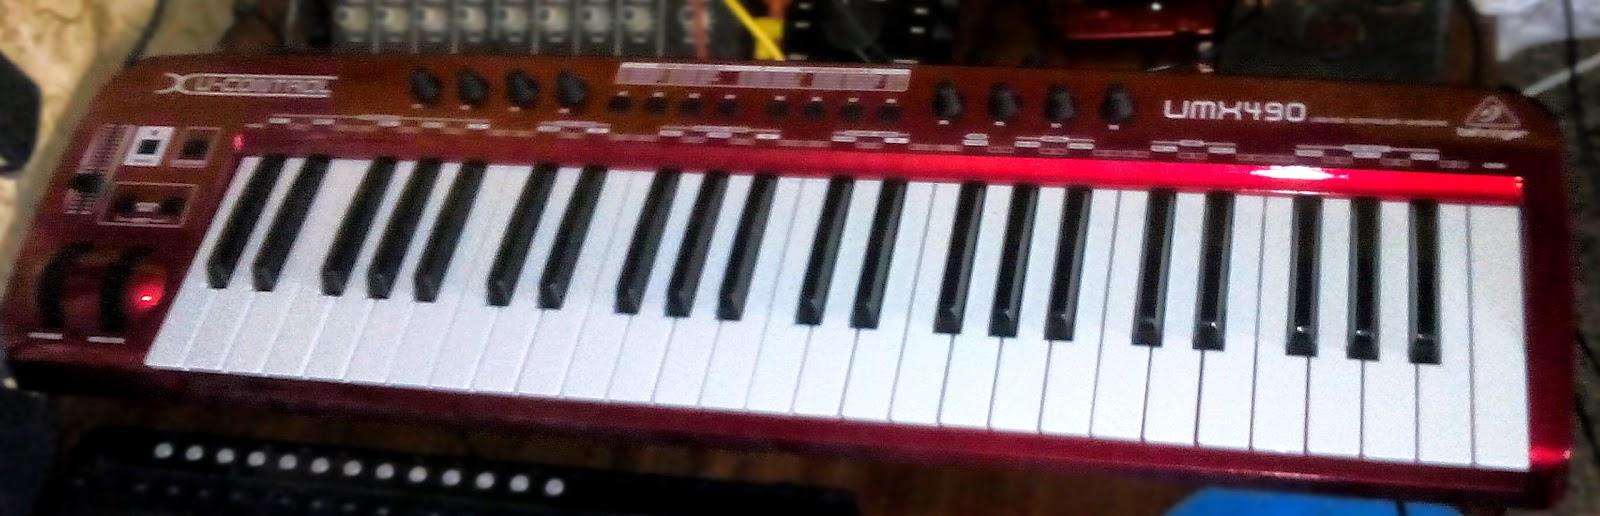 Миди-клавиатура Behringer UMX 490